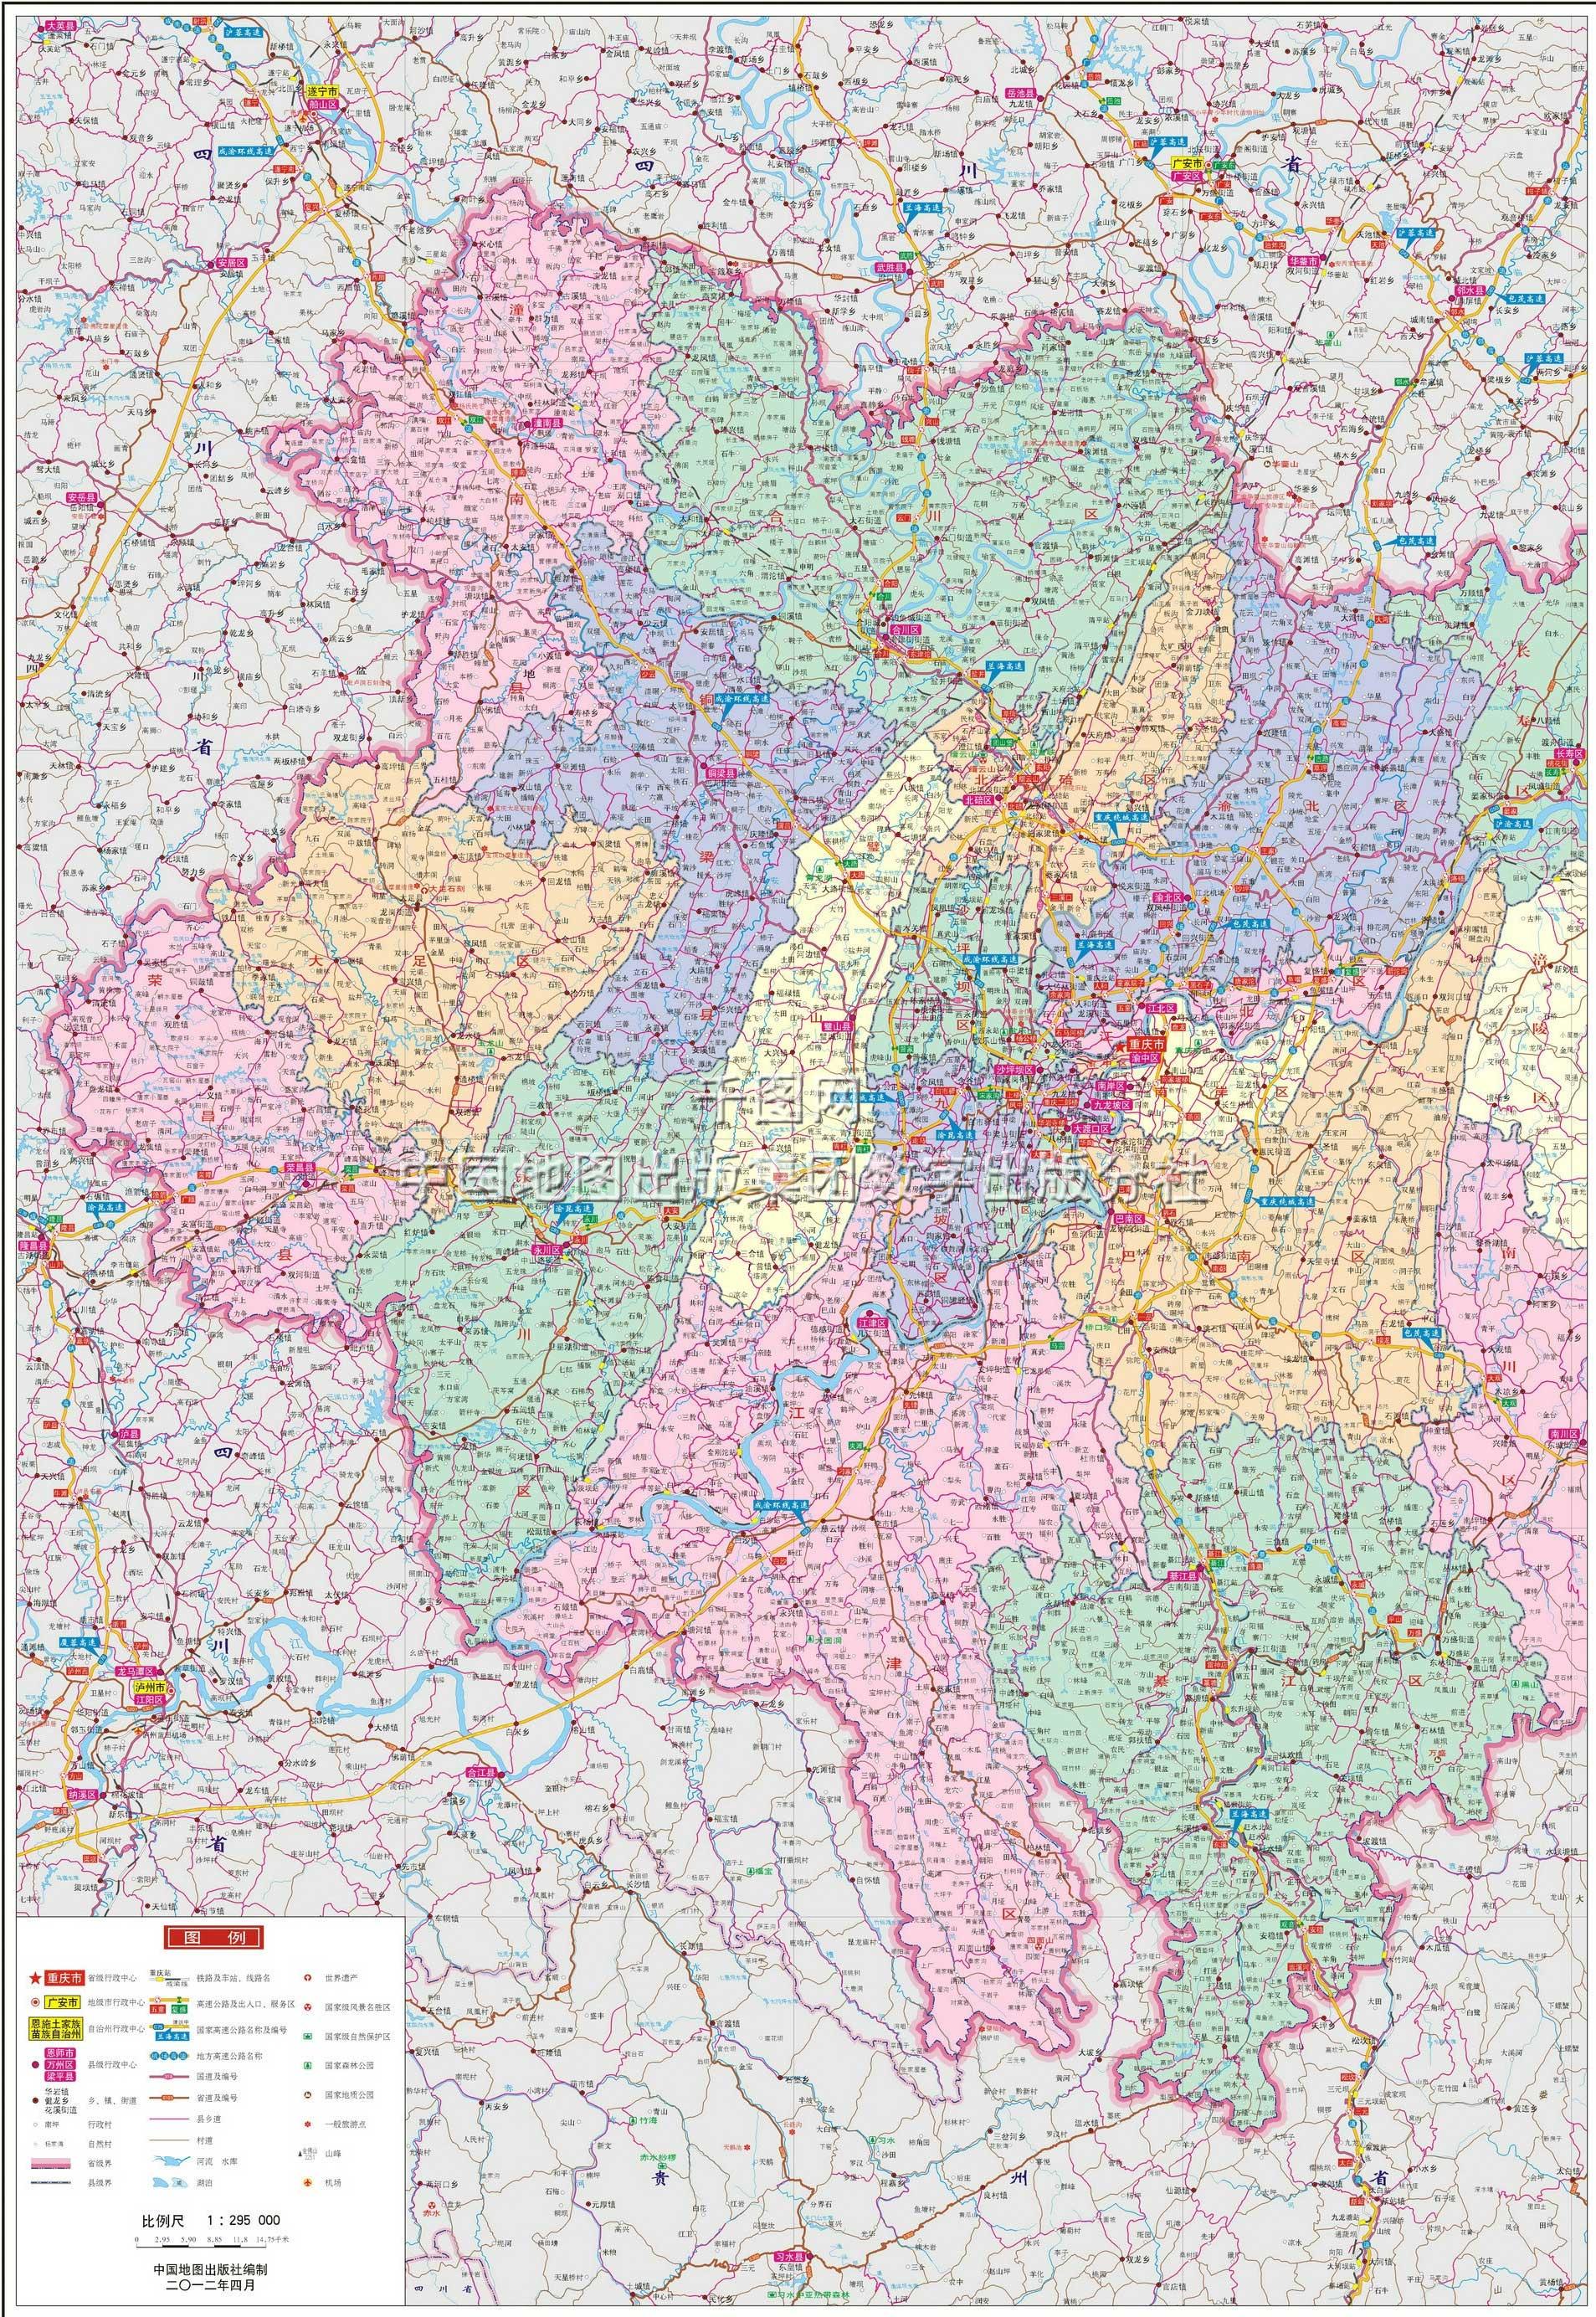 重庆市西部地图高清版